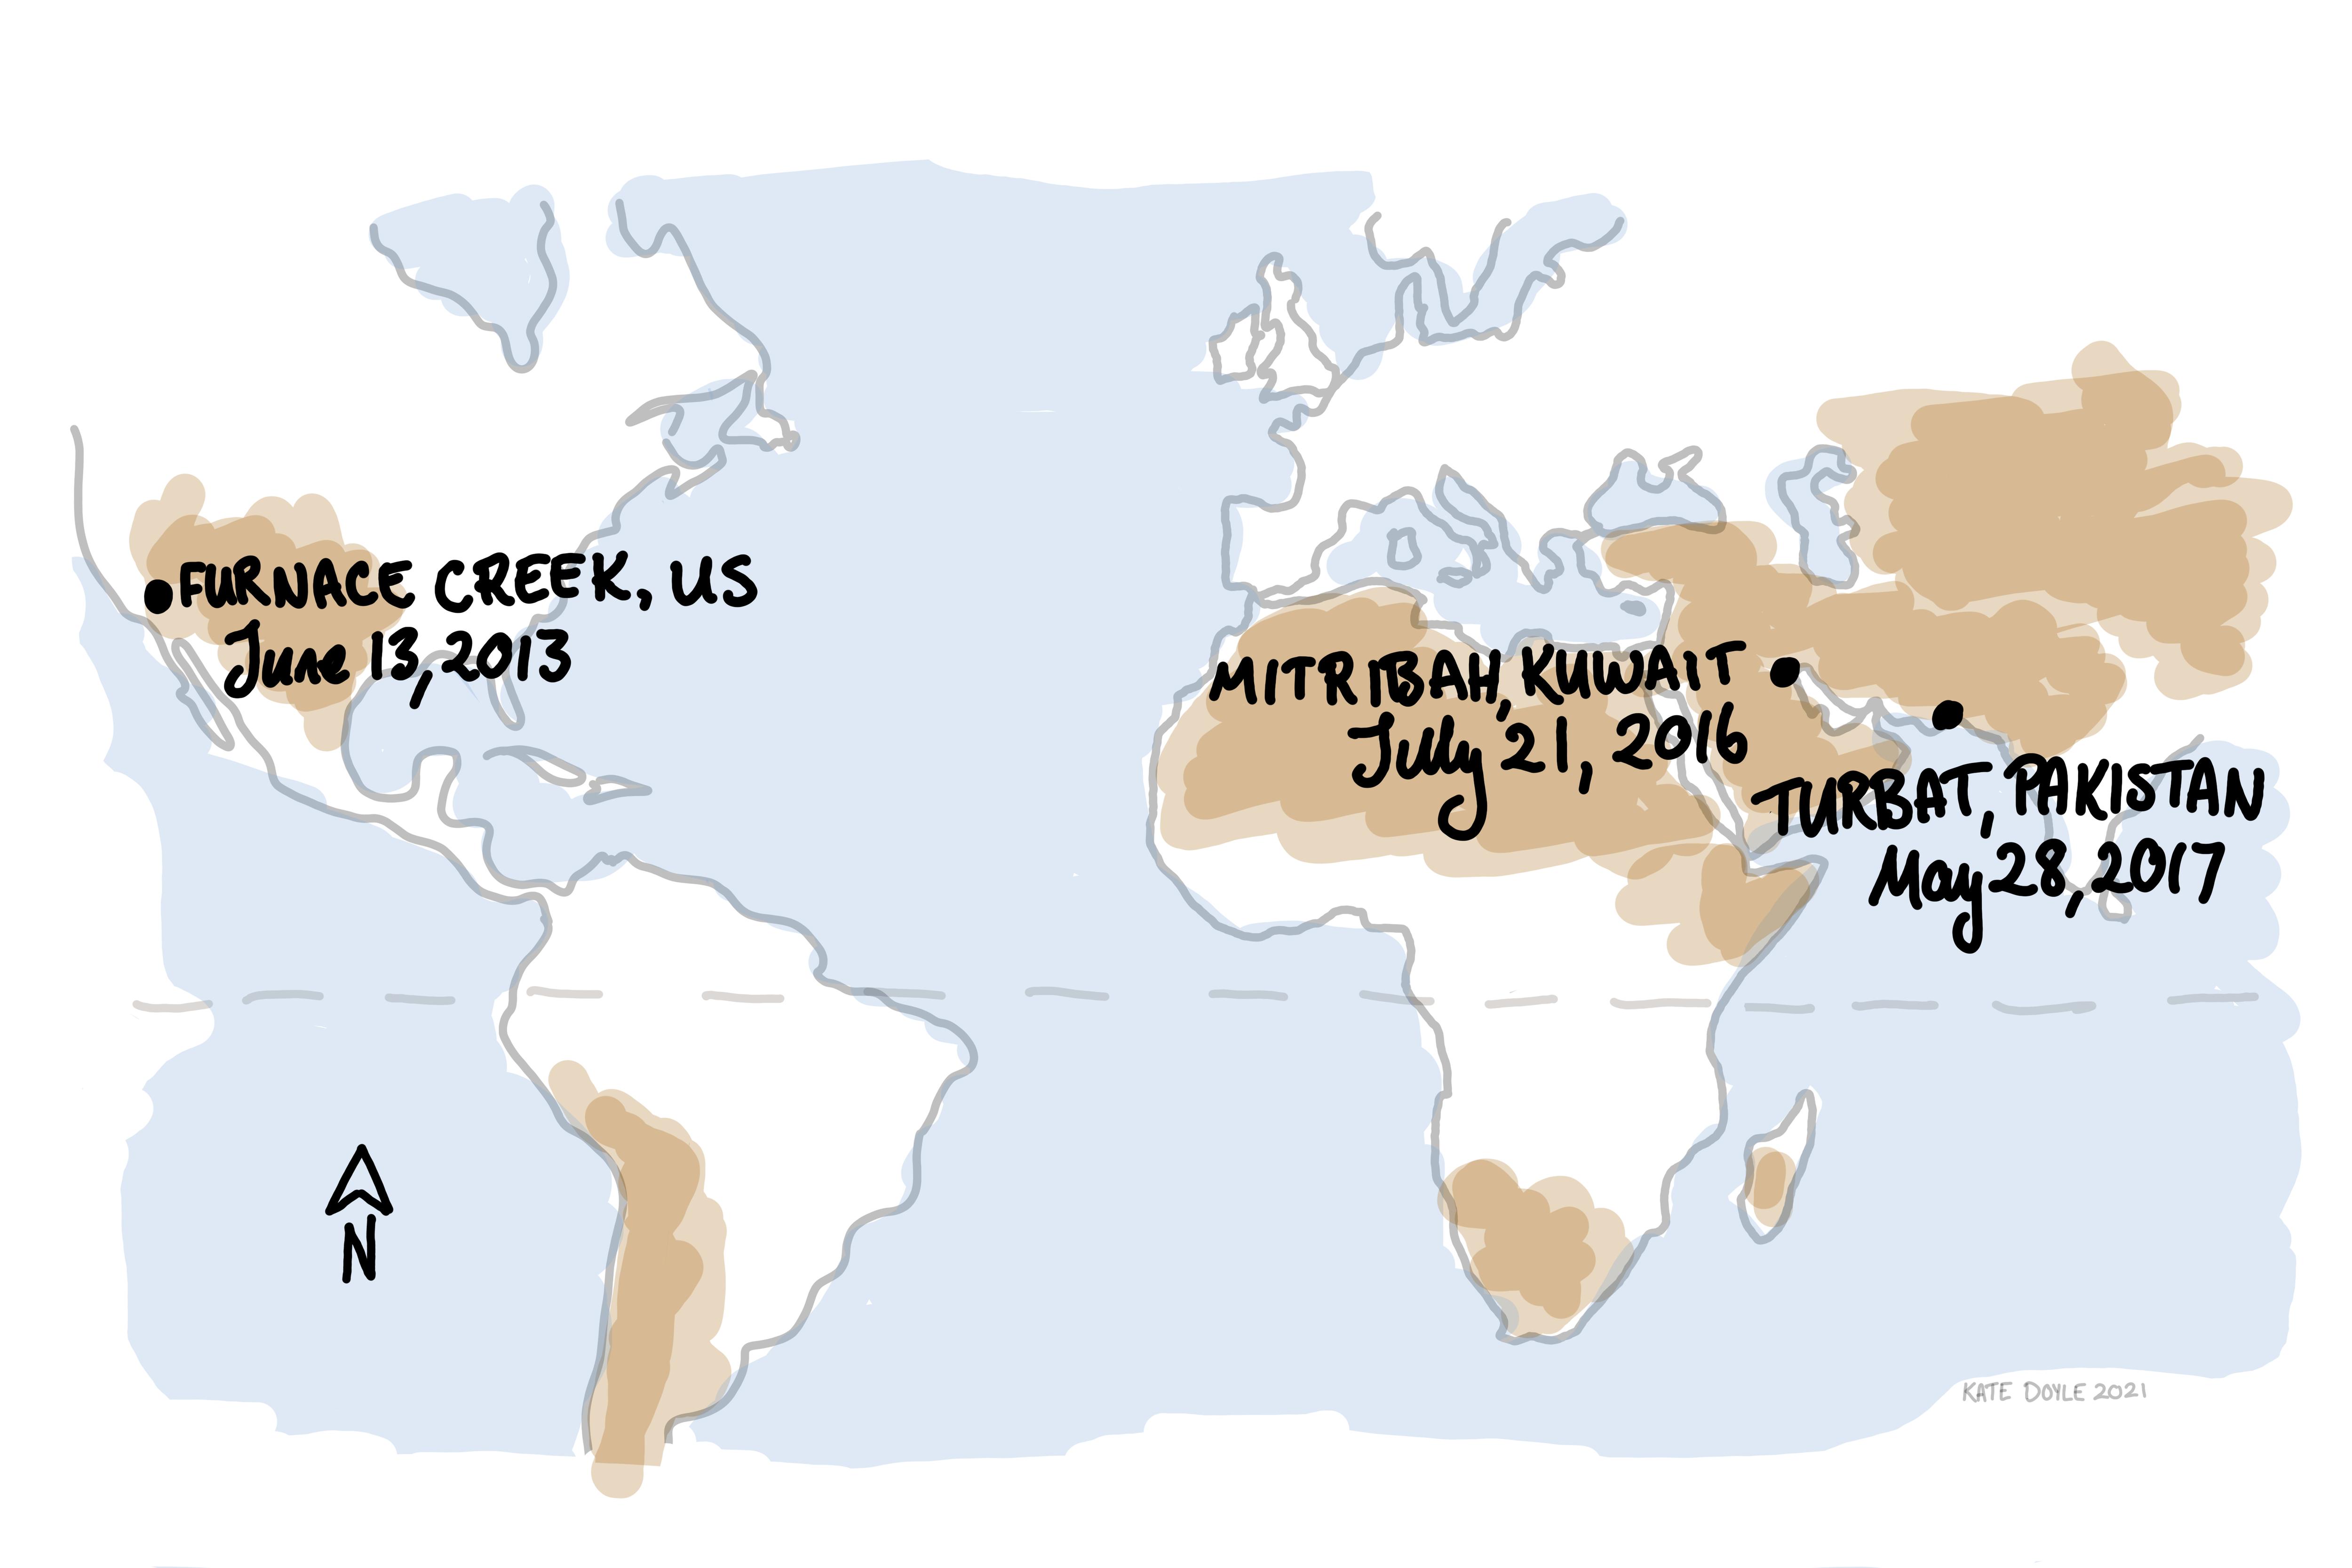 Mapa que indica las ubicaciones de Furnace Creek, Mitribah y Turbat